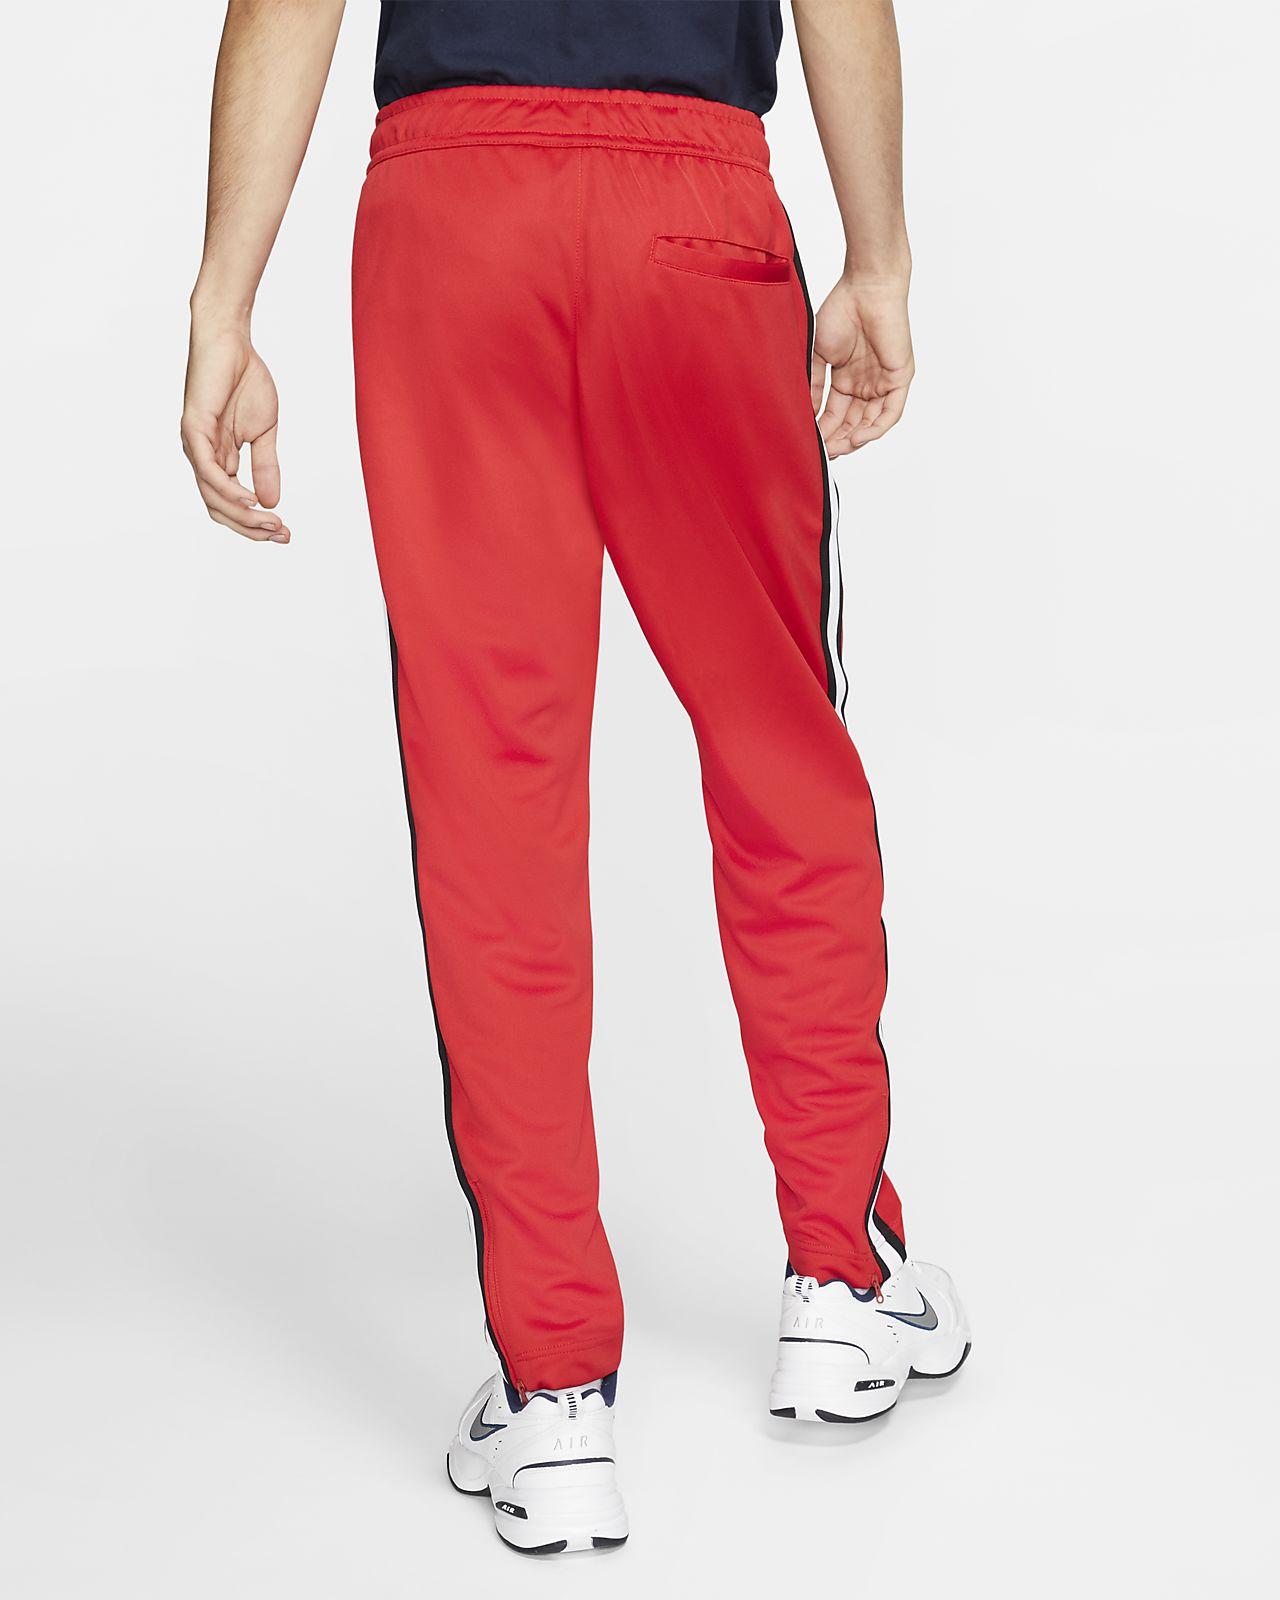 8c1eebcafc Nike Sportswear Men's Trousers